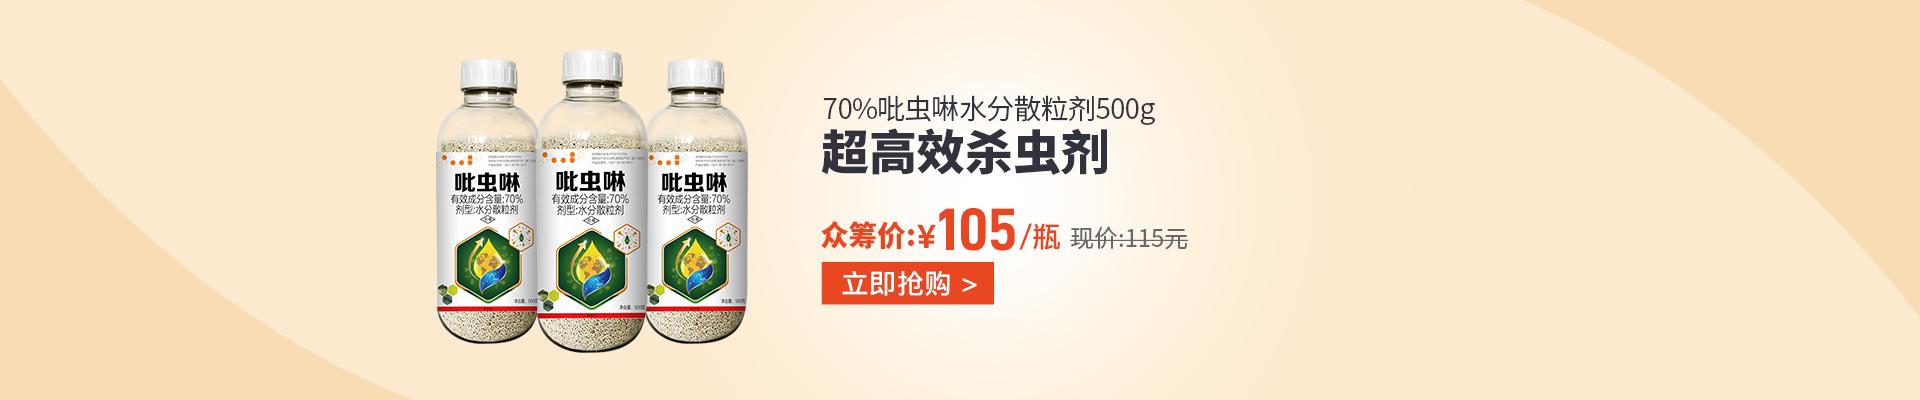 【10月】众筹-大丰收 70%吡虫啉 水分散粒剂500g*5瓶